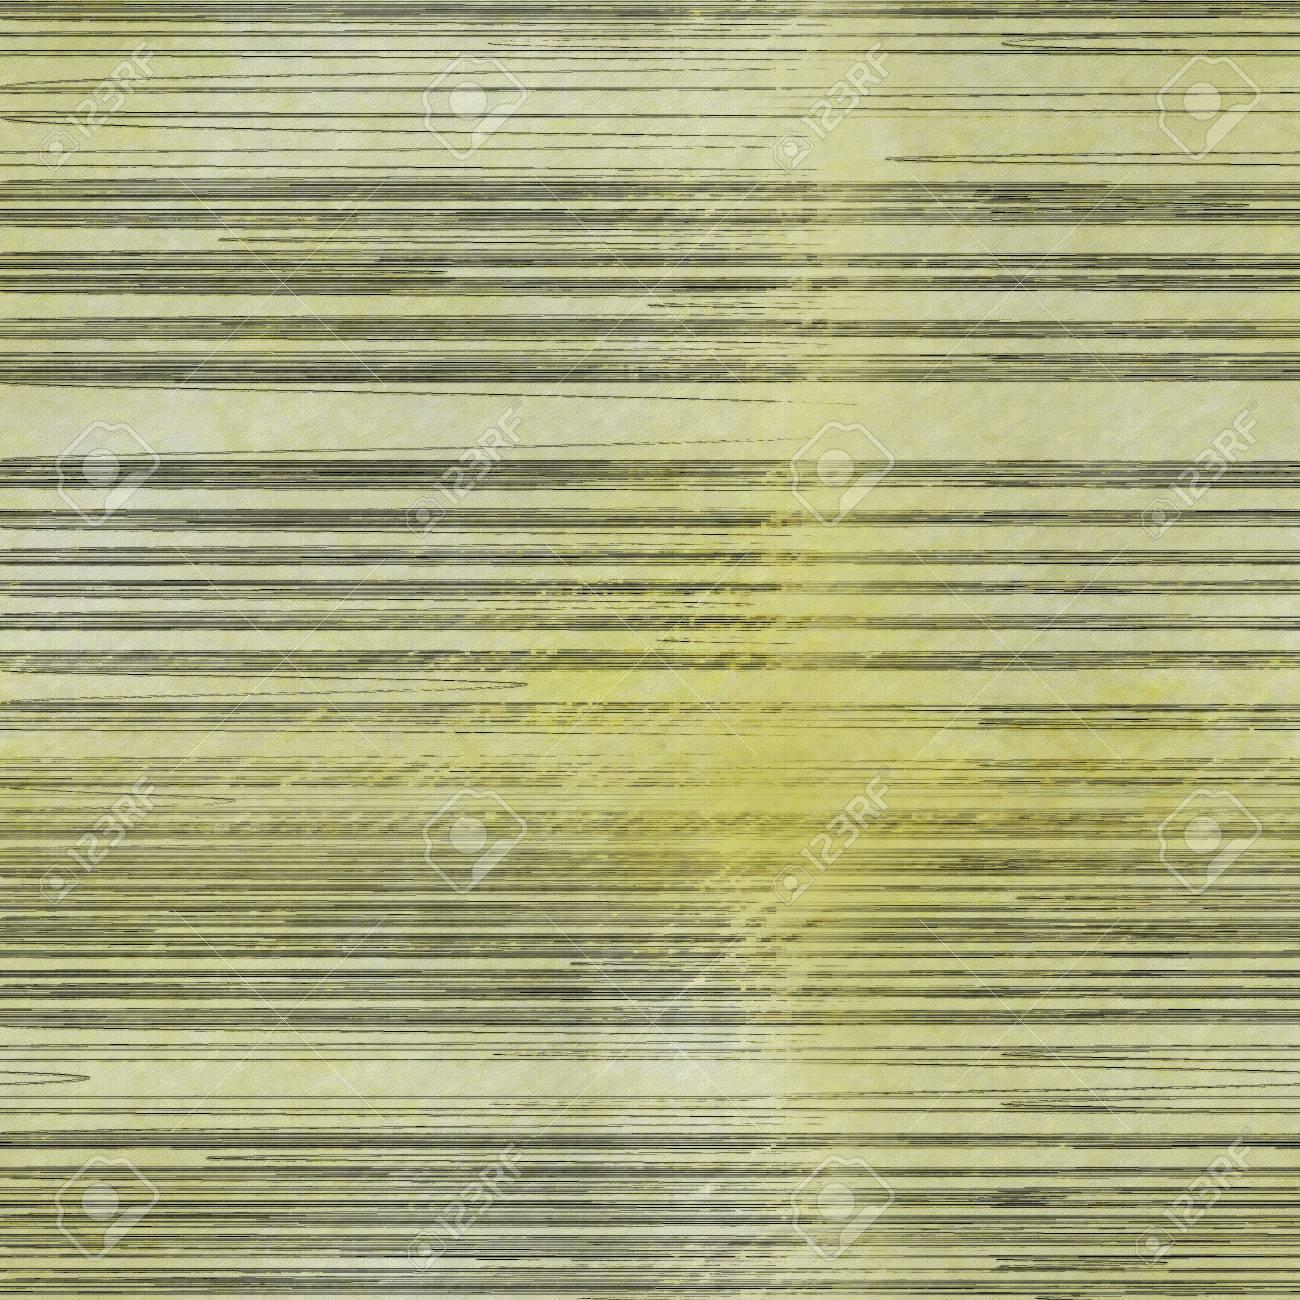 緑がかった対象壁紙。もともとシ...